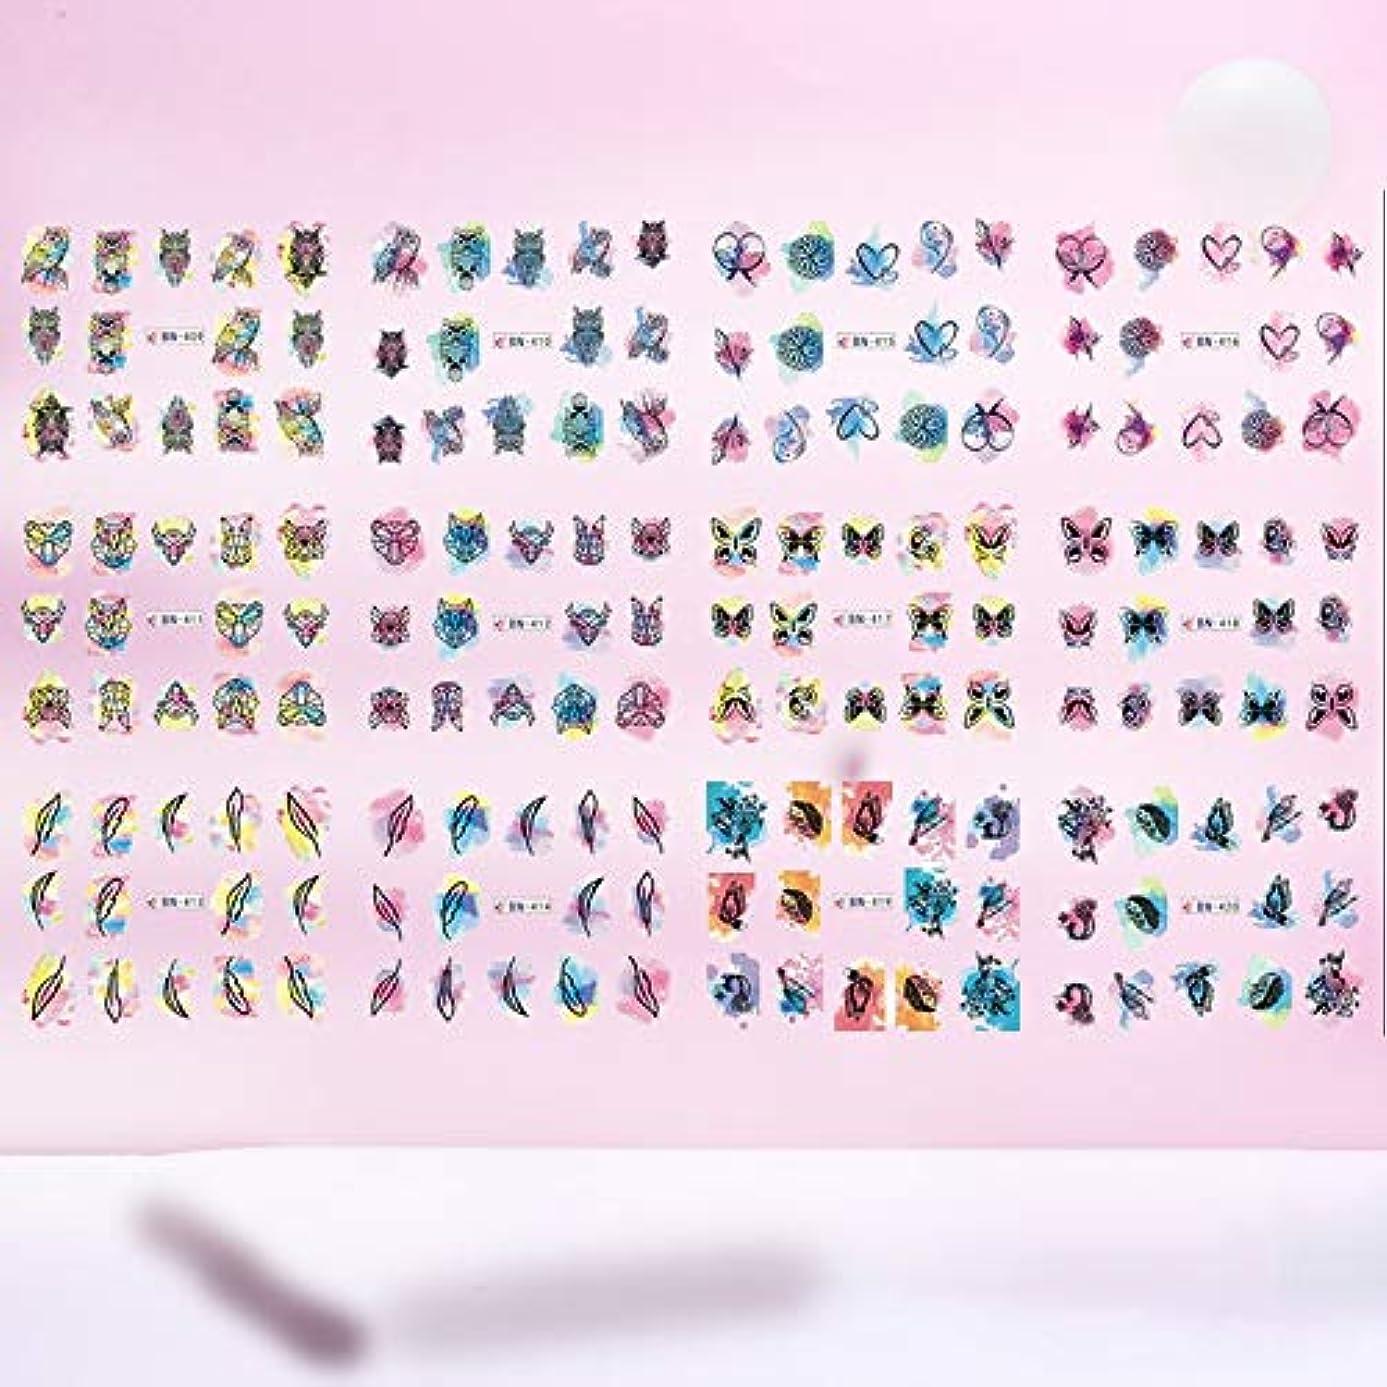 のために小競り合い軽量ネイルシール 蝶 花 羽毛 動物 ハート フクロウ 12デザイン ネイルビューティー ネイルステッカー ネイルアートジェルネイル 貼るだけ DIY ネイル飾り デカール